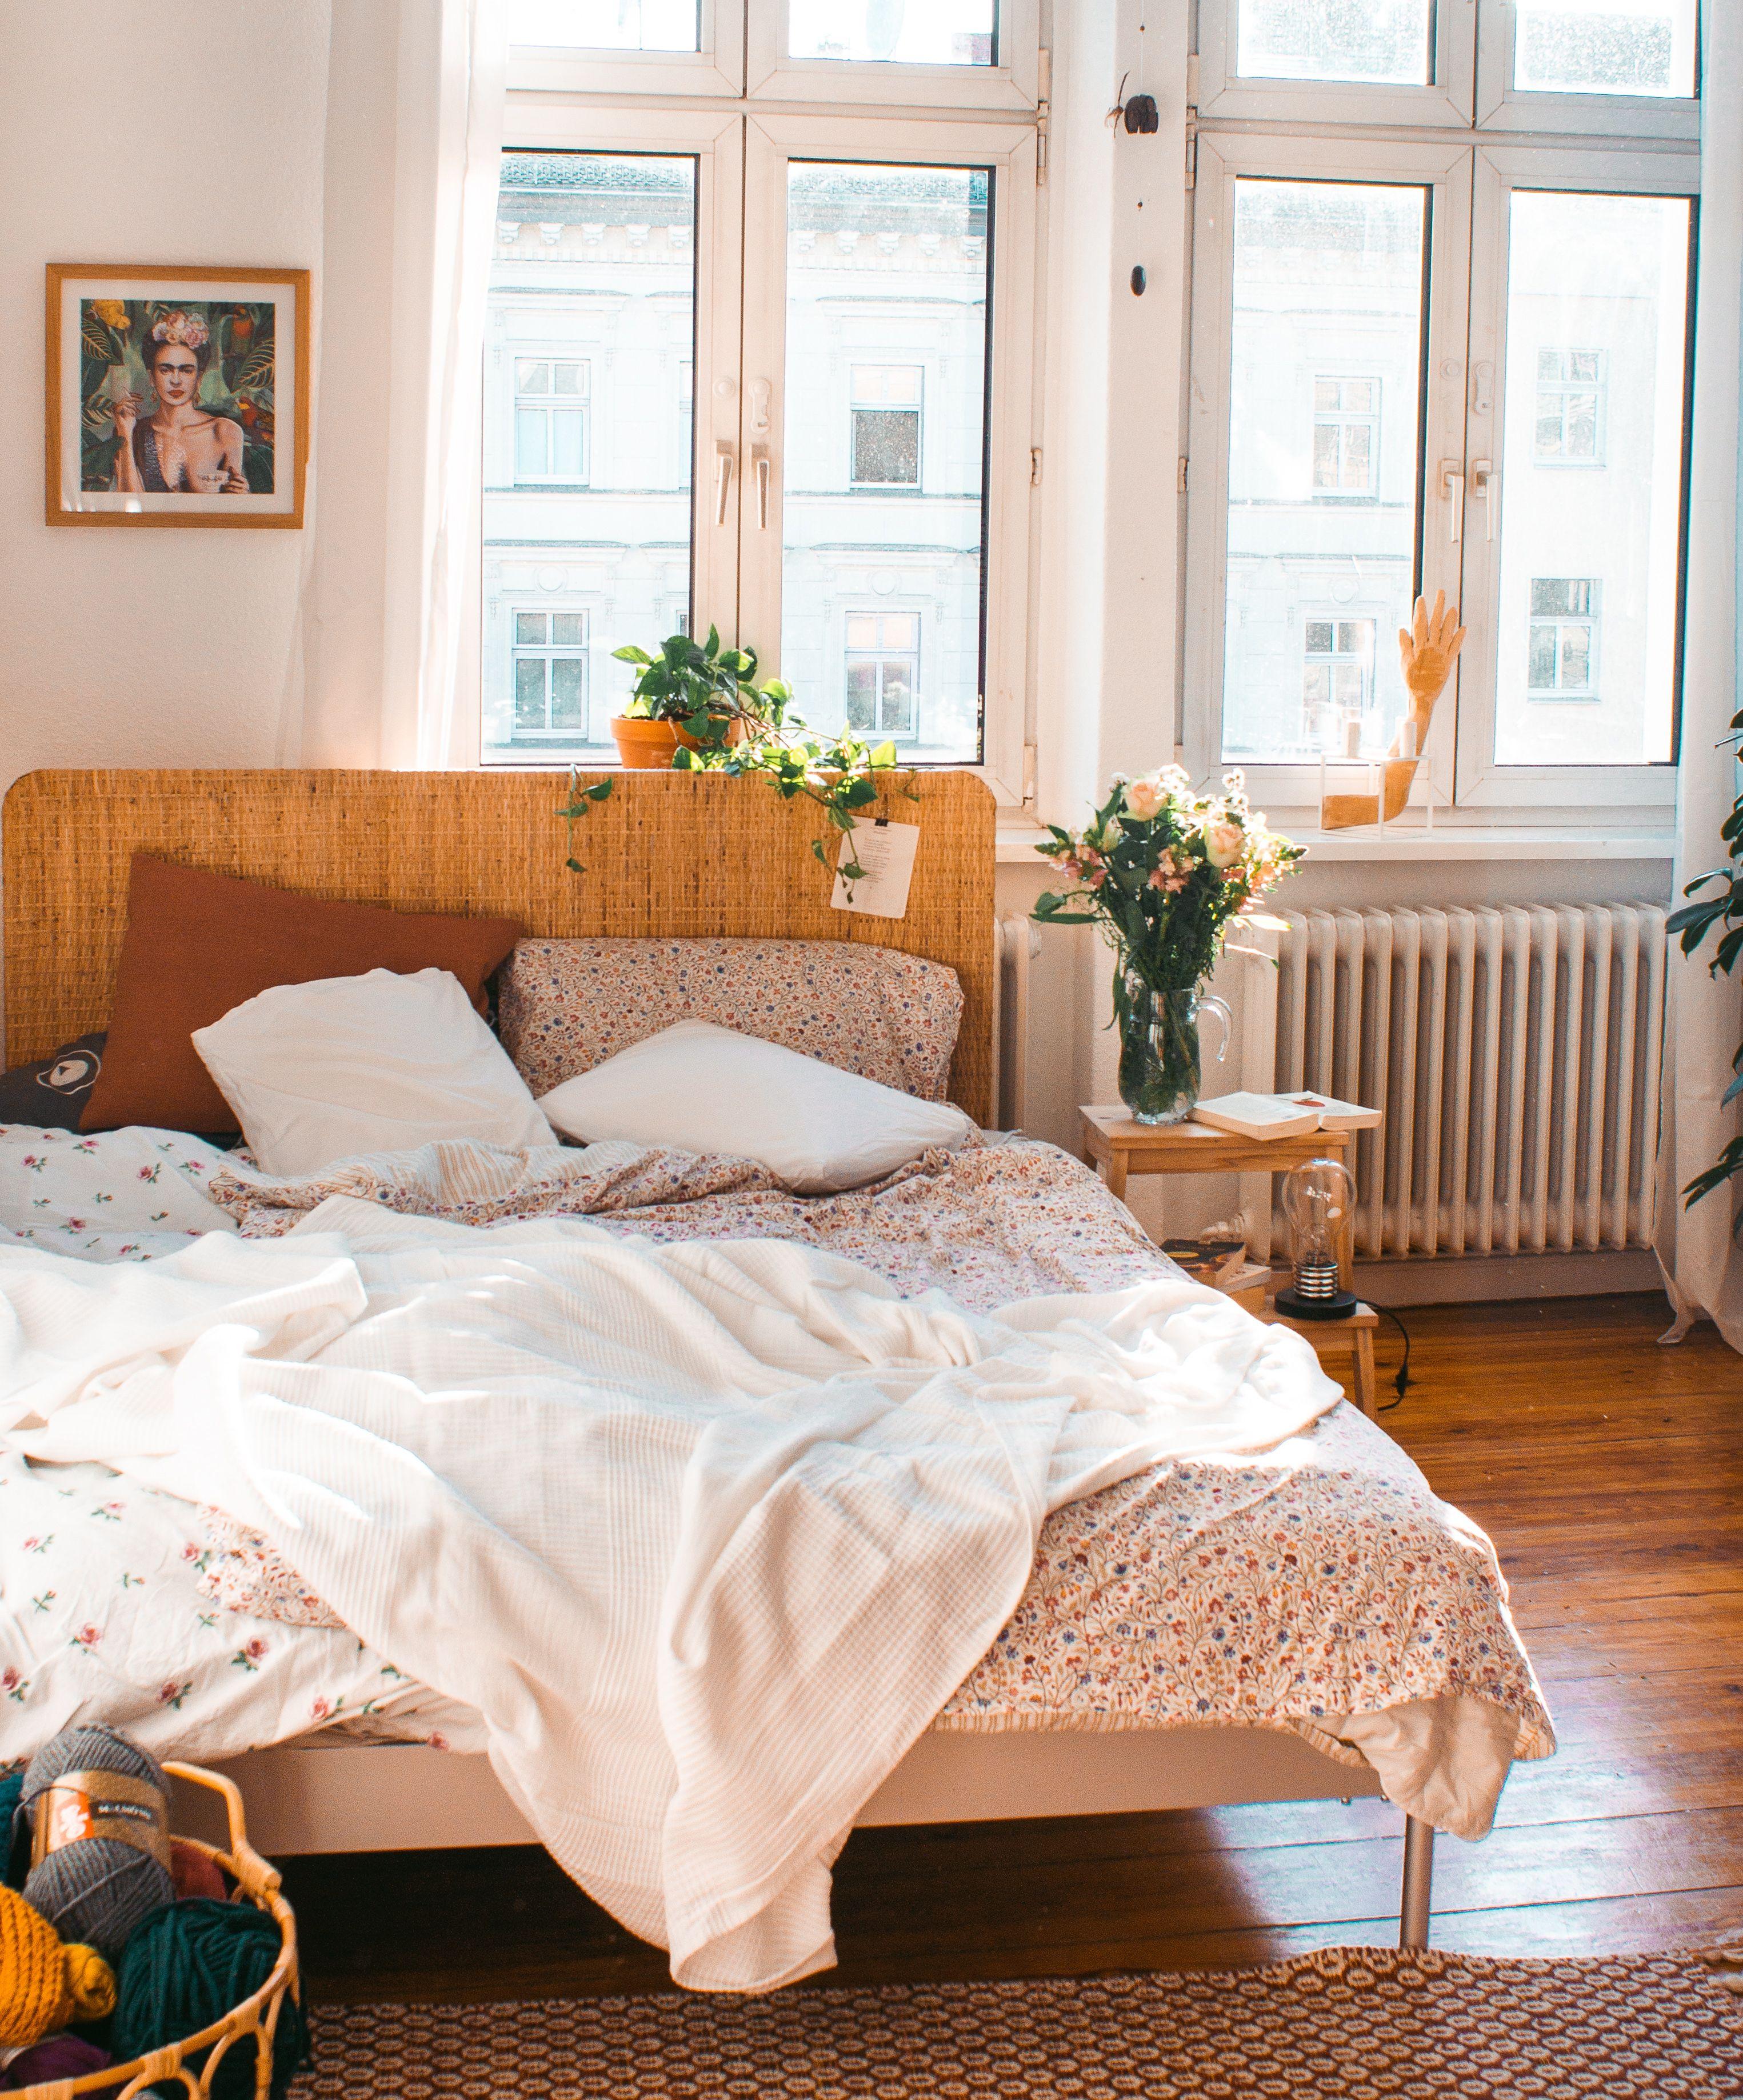 Vorher Nachher Das Grosse Umstyling Schlafzimmer Design